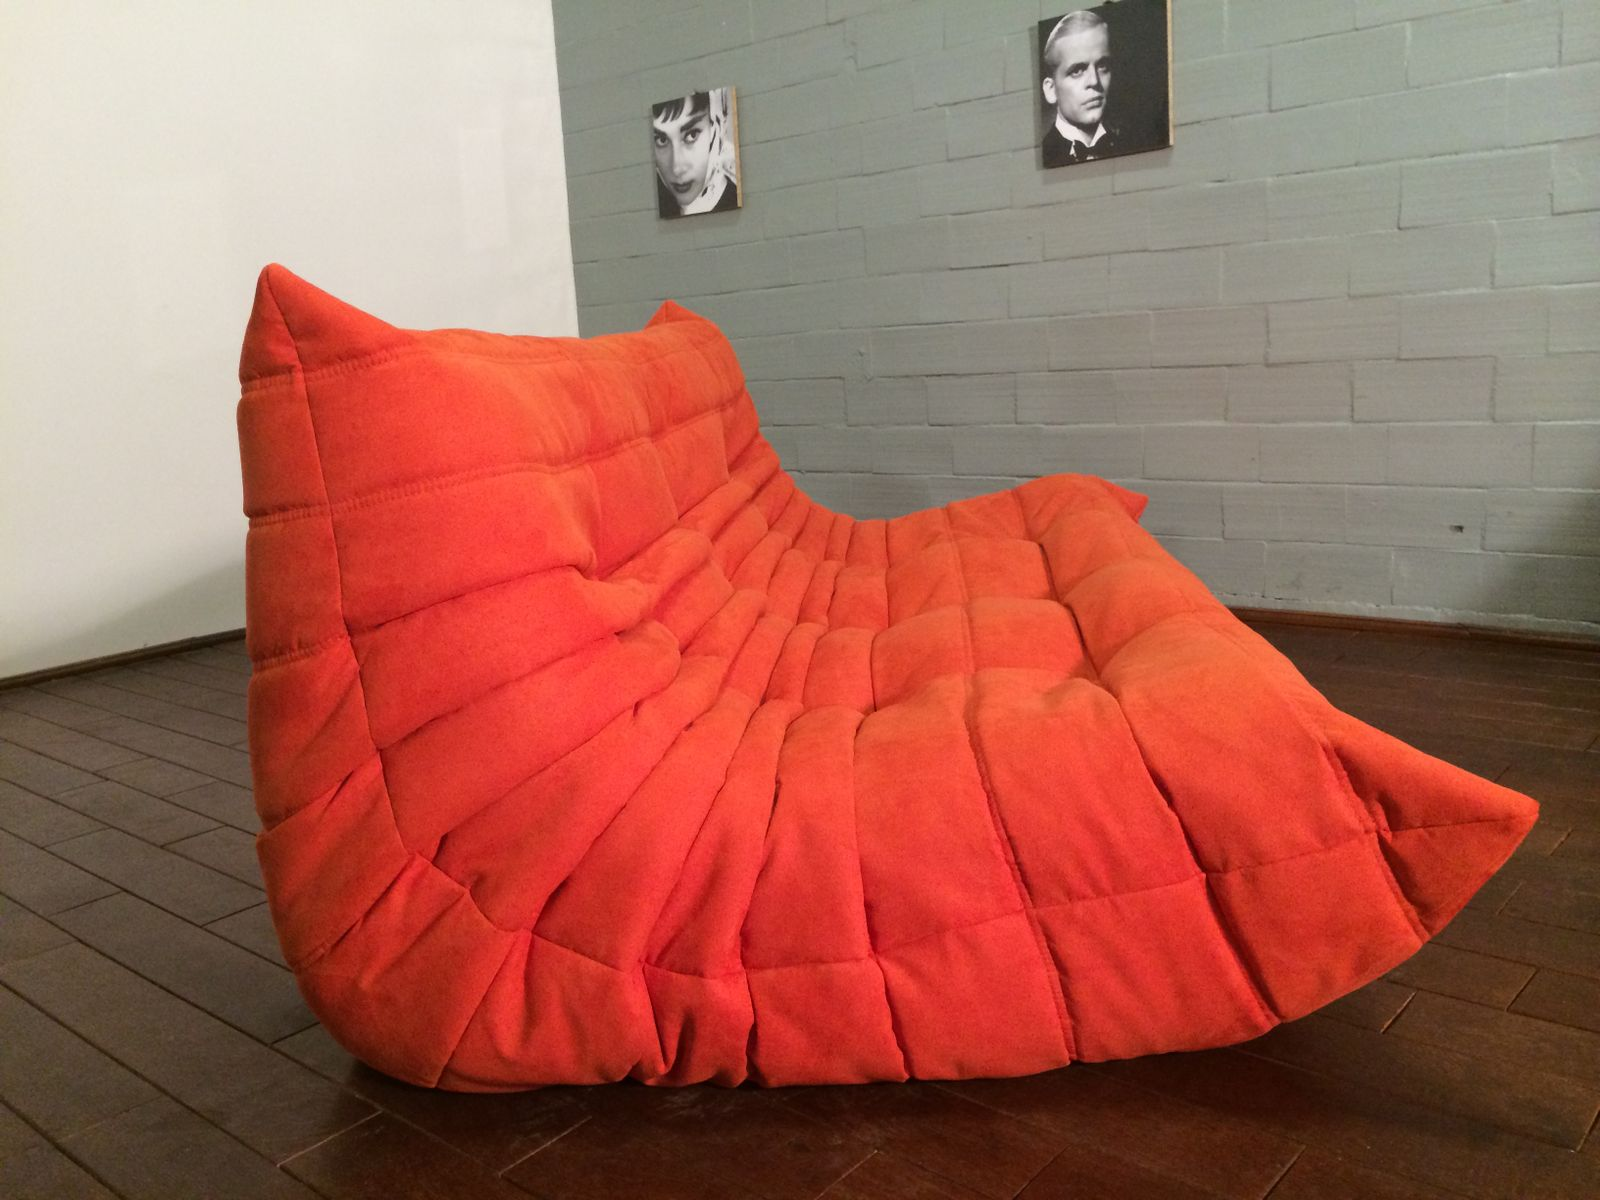 togo 3 sitzer sofa von michel ducaroy f r ligne roset 1970er bei pamono kaufen. Black Bedroom Furniture Sets. Home Design Ideas